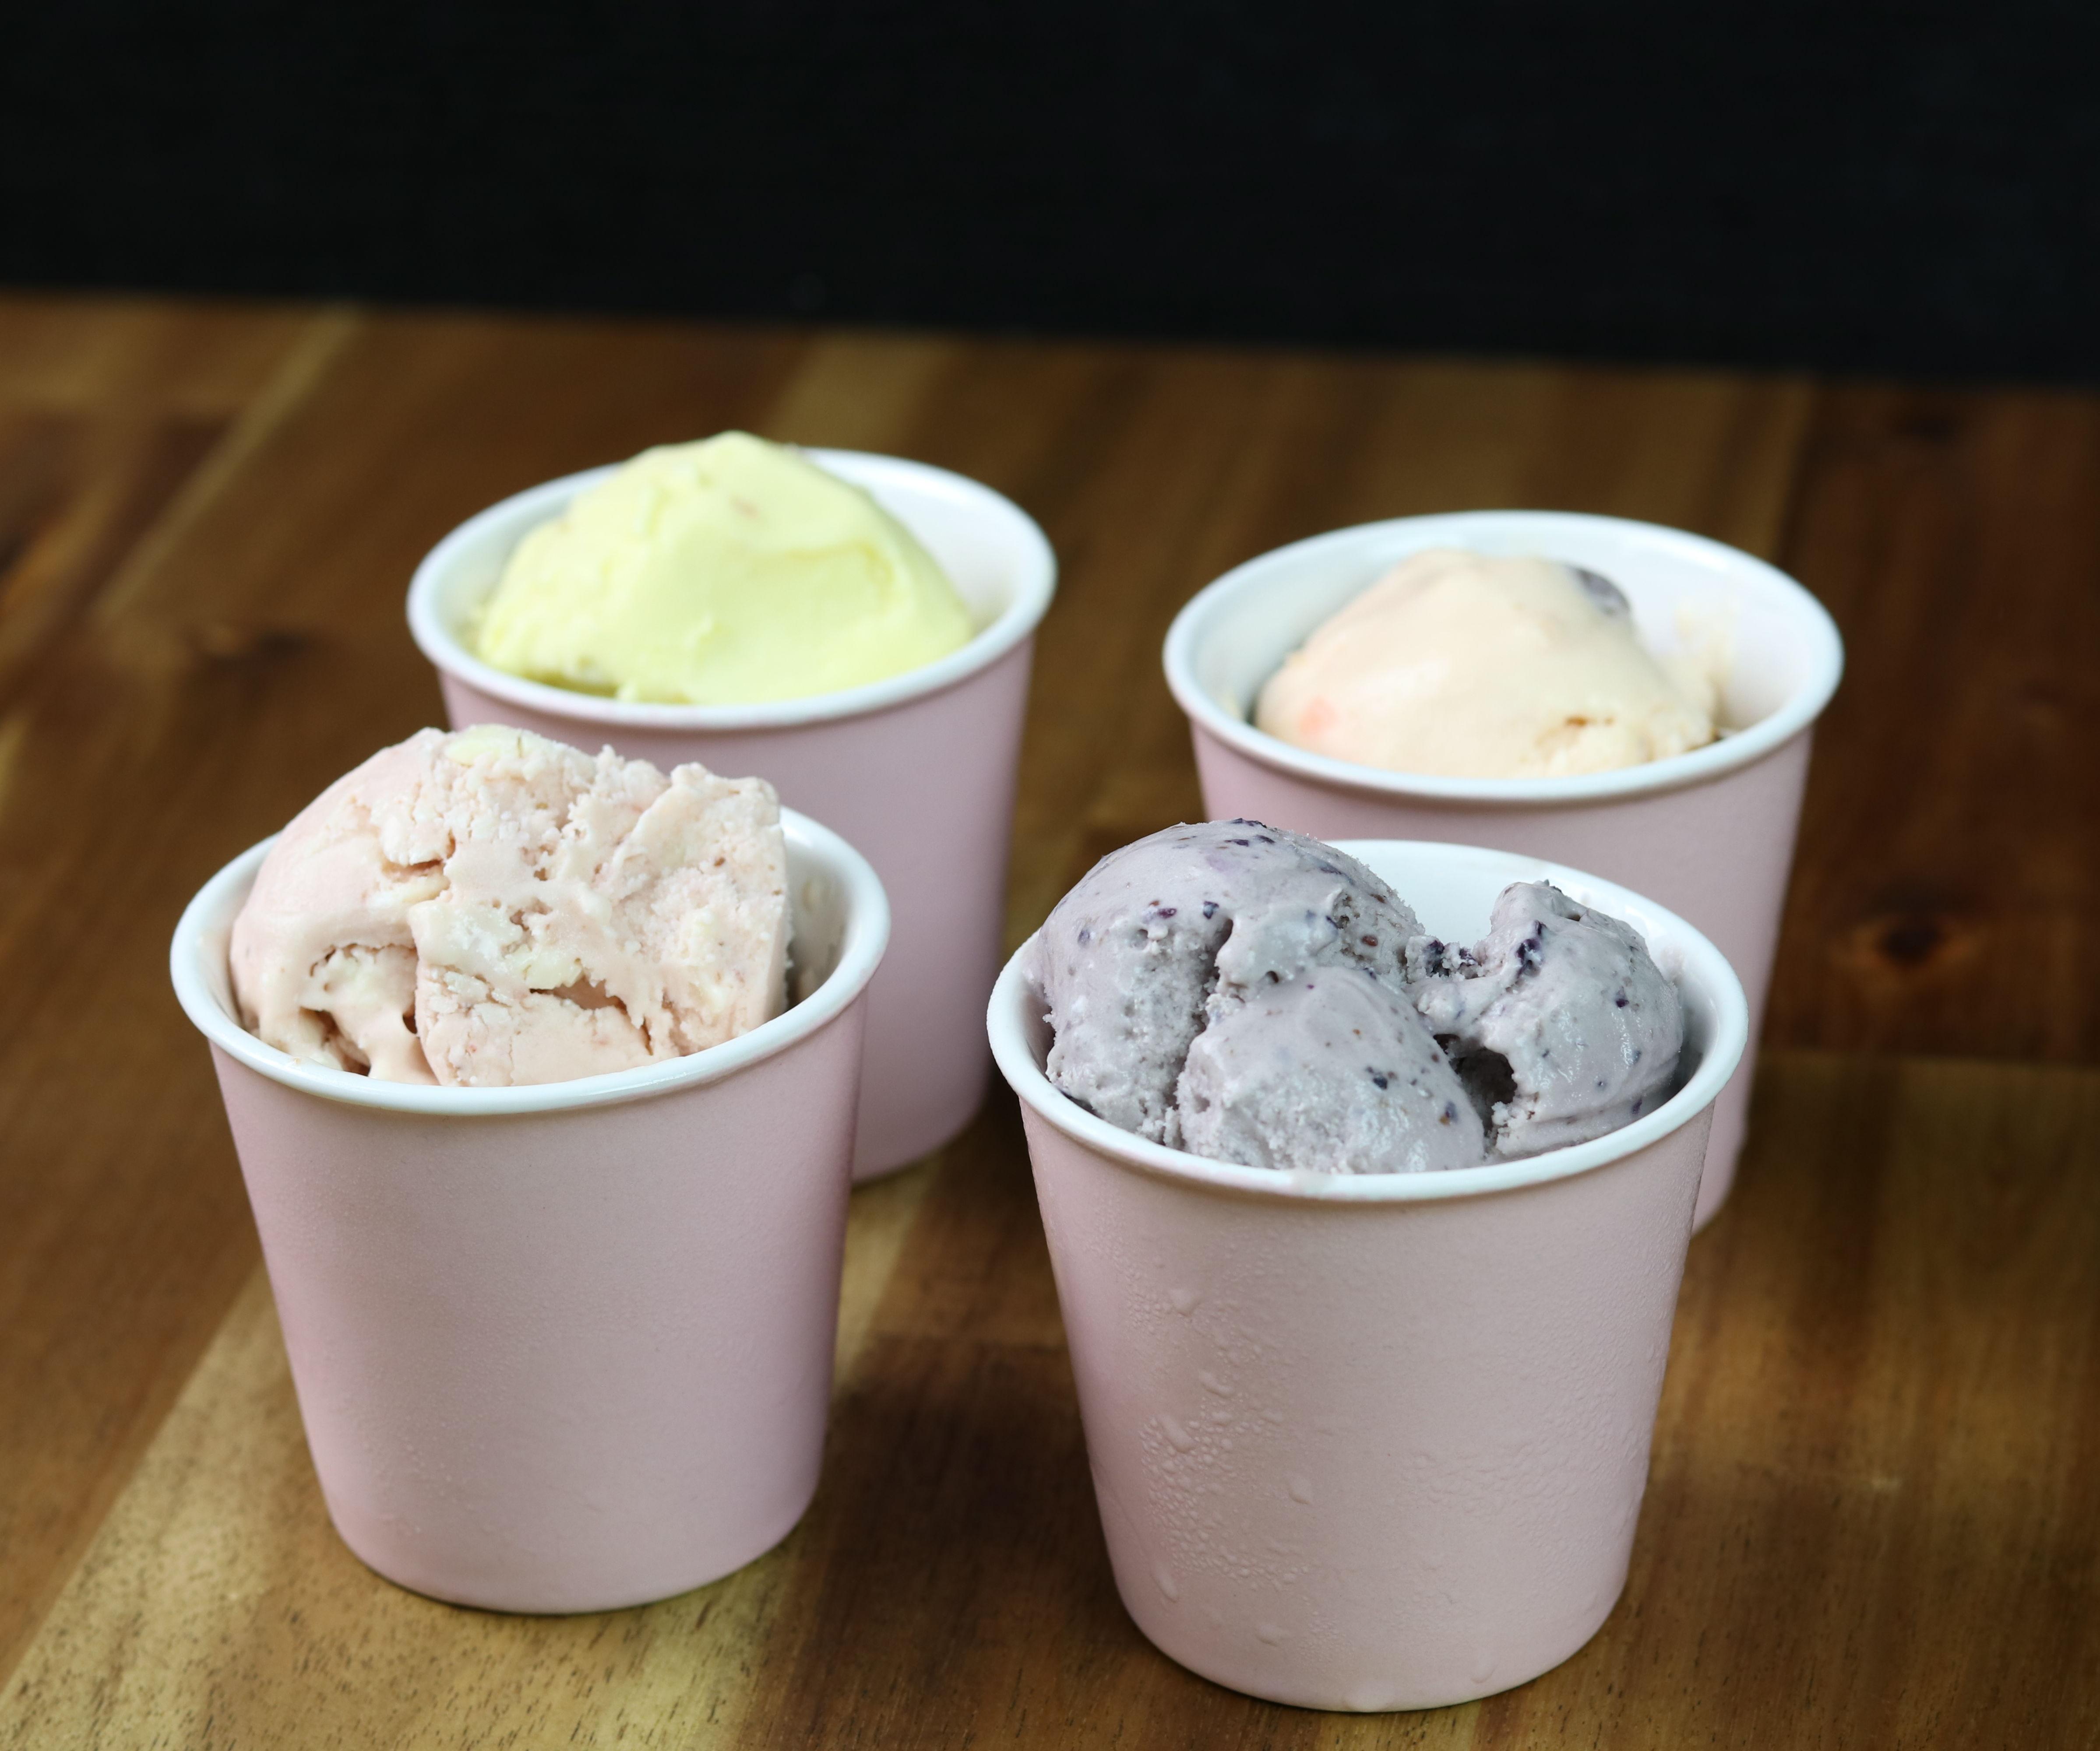 I Scream for Ice-cream